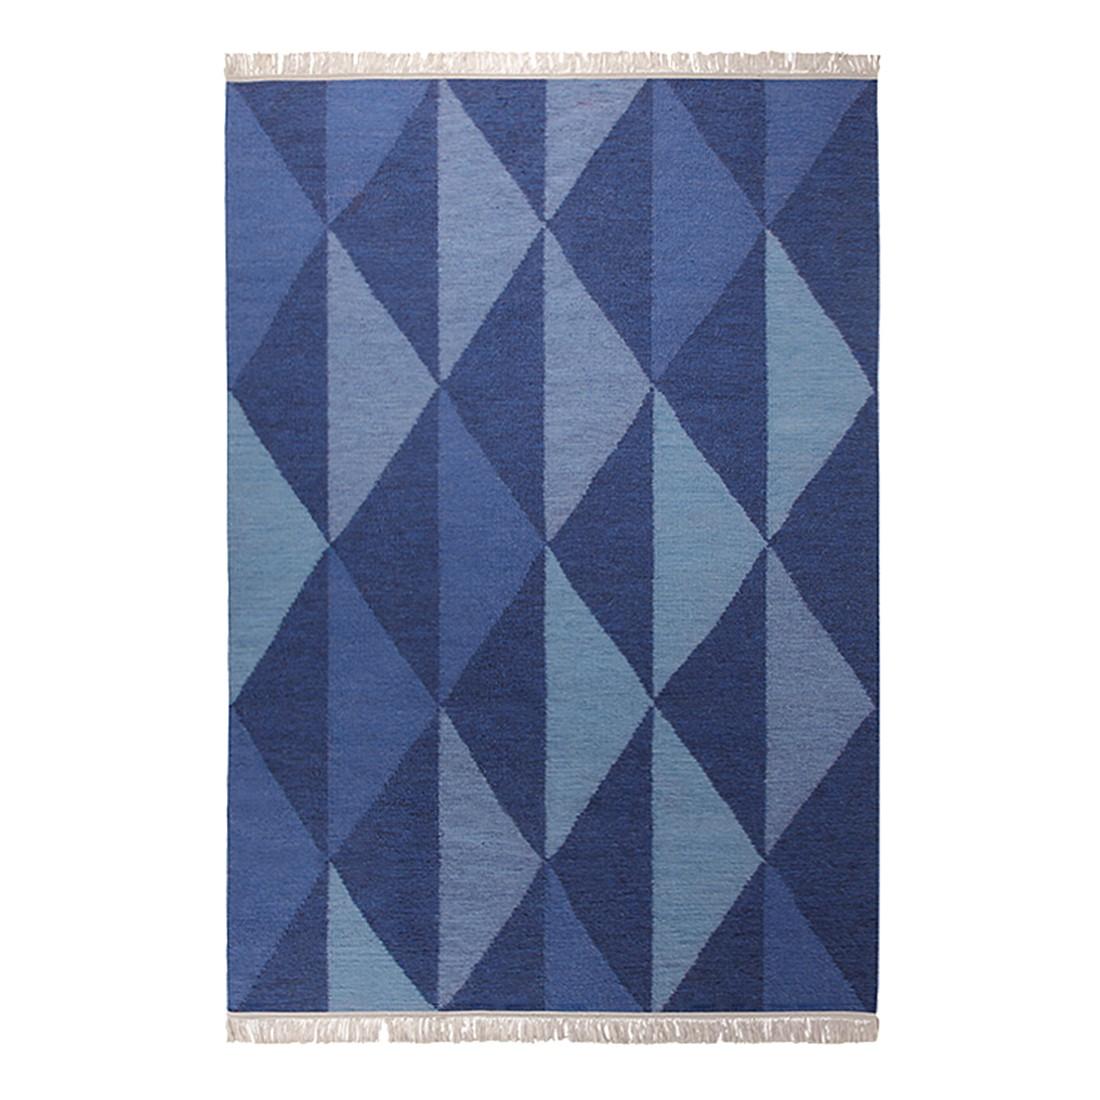 Teppich Natural Triangular – Blau – Maße: 160 x 230 cm, Esprit Home bestellen